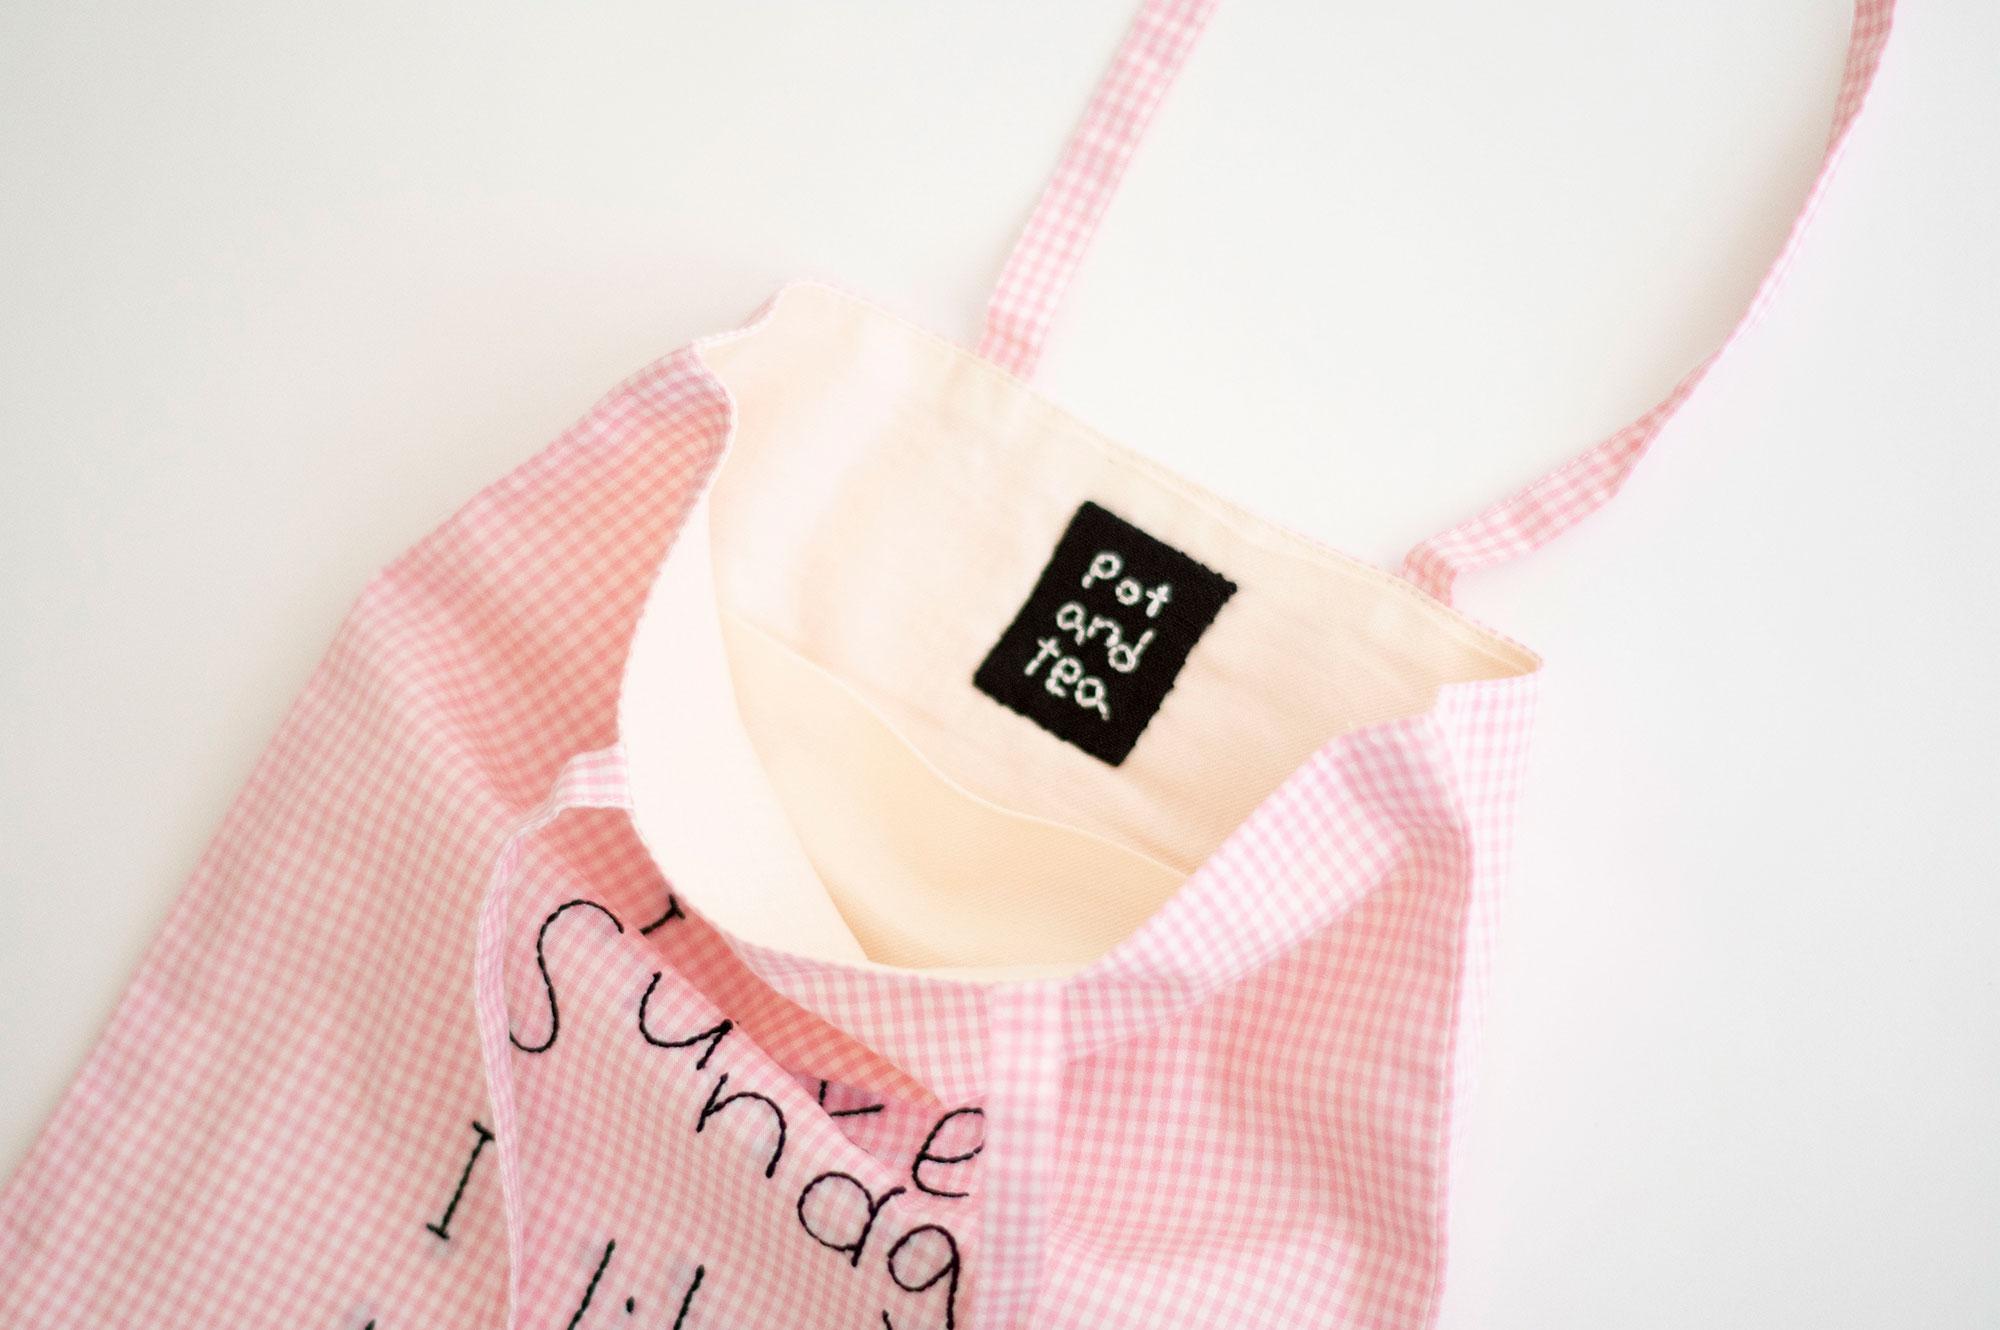 pot and tea チェック柄ハンドル刺繍バッグ